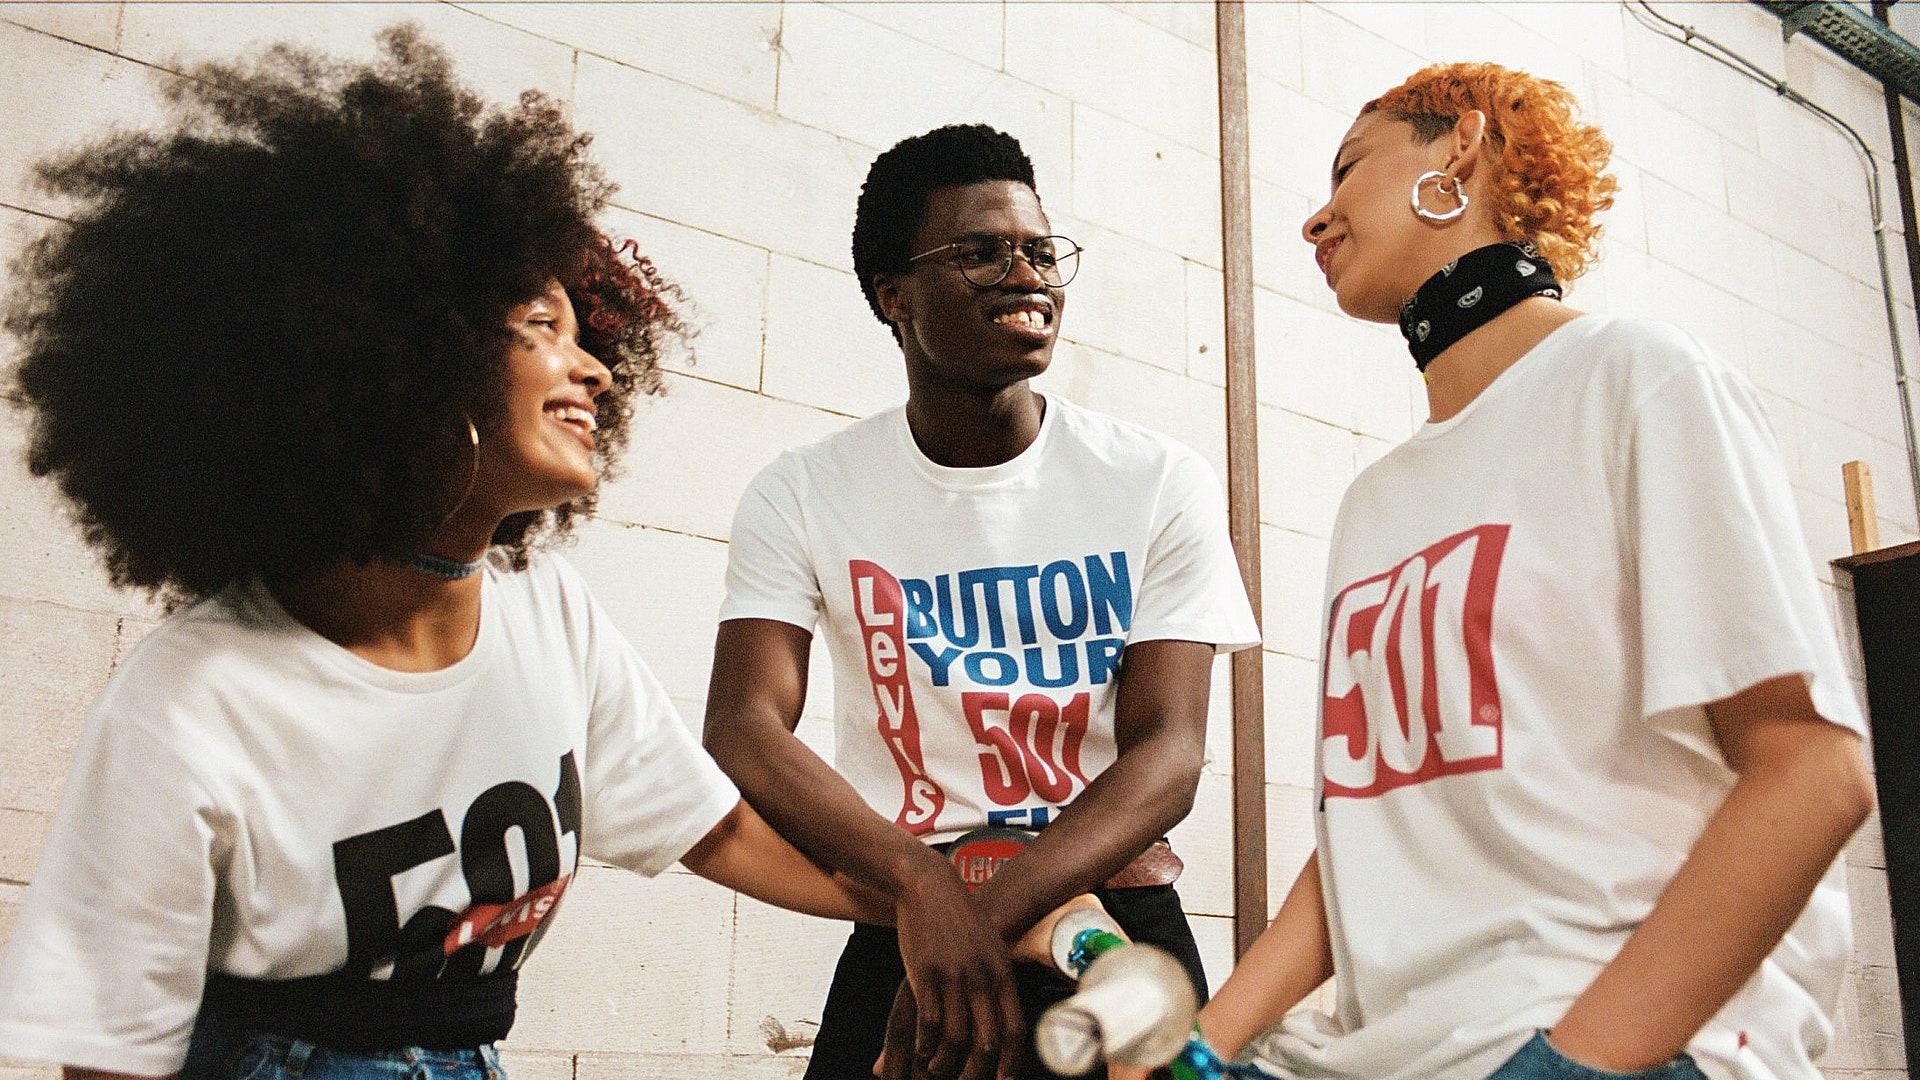 Levi's 501 T-shirt Campaign